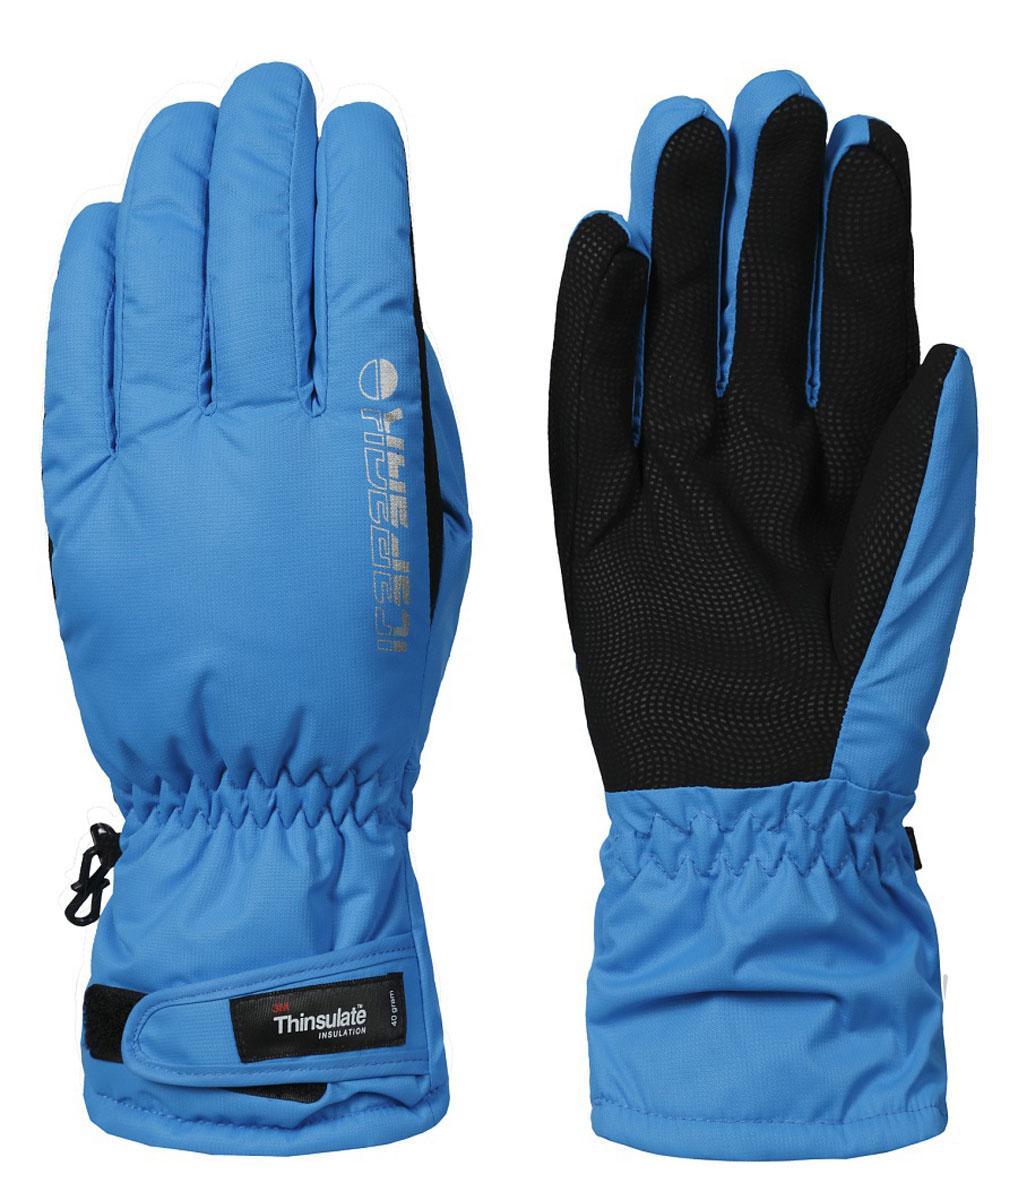 Перчатки детские652850564IVДетские перчатки Icepeak, изготовленные из мембранной ткани с водо- и ветрозащитным покрытием, станут идеальным вариантом для холодной зимней погоды. На подкладке используется мягкий полиэстер. Для большего удобства на запястьях перчатки дополнены хлястиками на липучках с внешней стороны, а на ладошках, кончиках пальцев и с внутренней стороны большого пальца - усиленными вставками. С внешней стороны перчатки оформлены надписями. Перчатки станут идеальным вариантом для прохладной погоды.